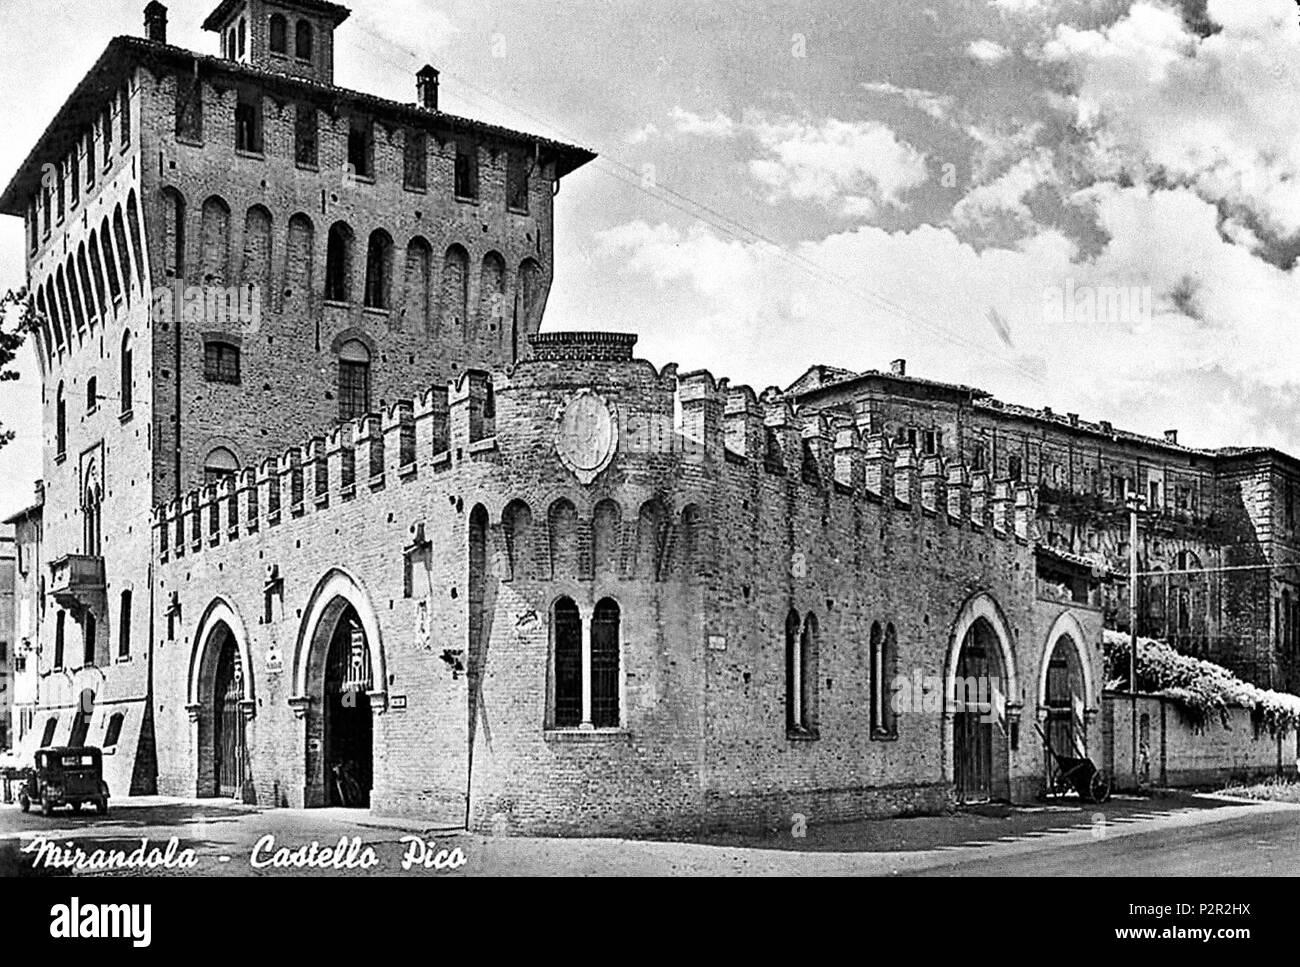 Italiano Castello Pico A Mirandola 1963 G Bellei 17 Castello